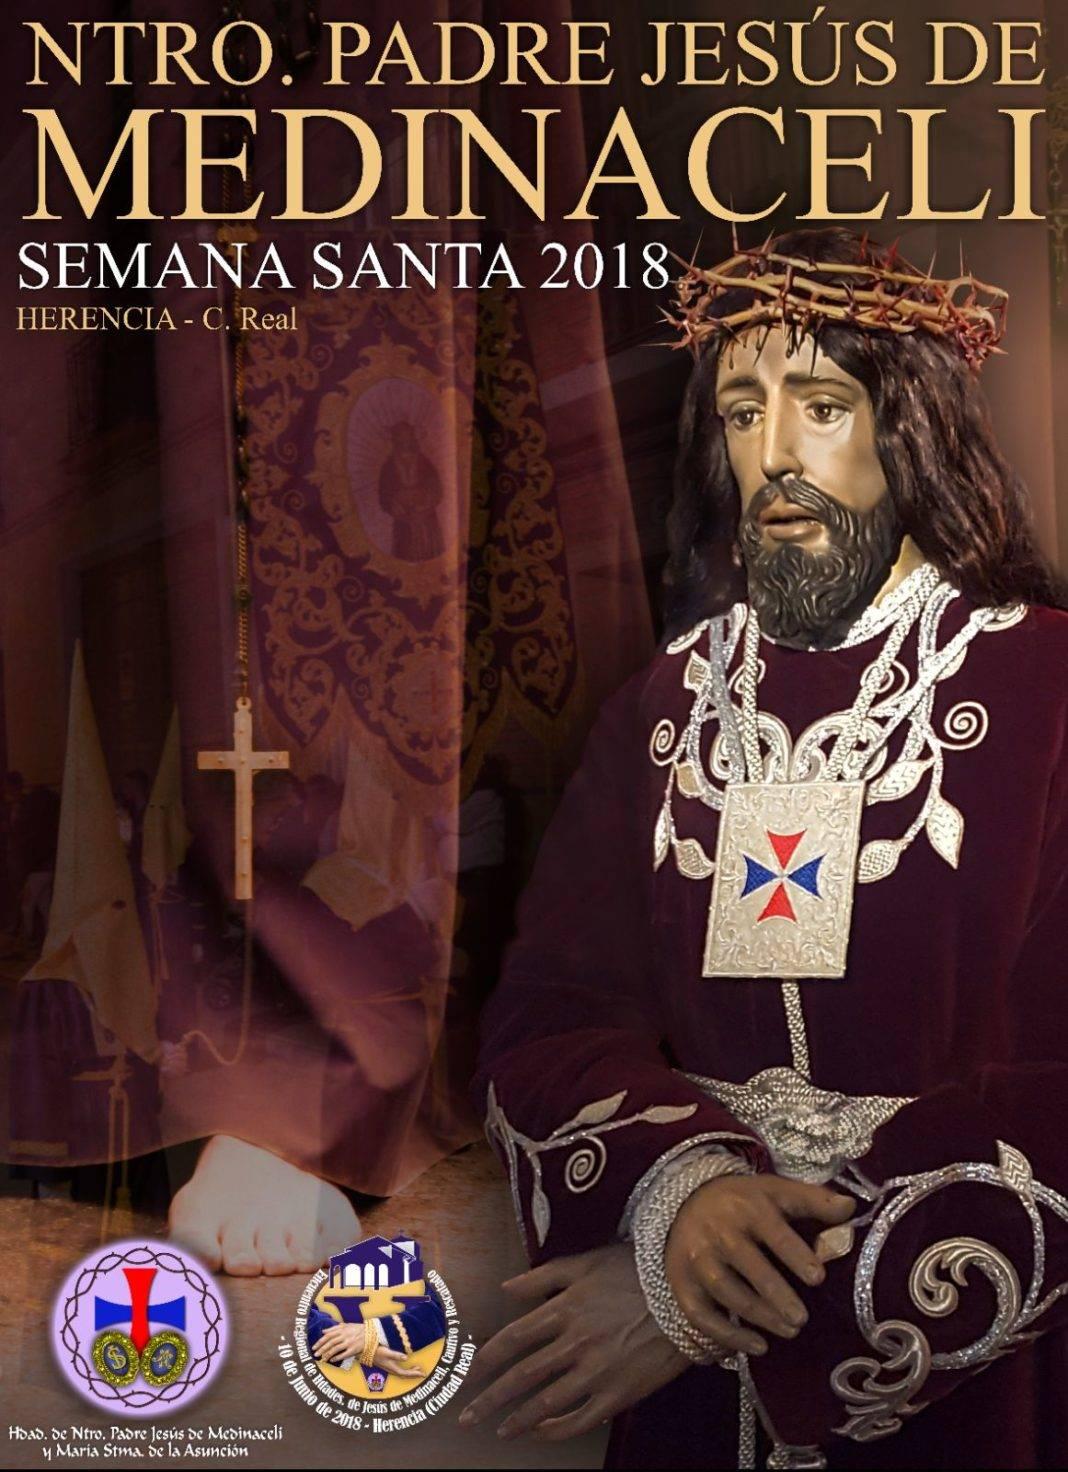 Cartel y recorrido de Jesús de Medinaceli en su estación de penitencia el Jueves Santo 7